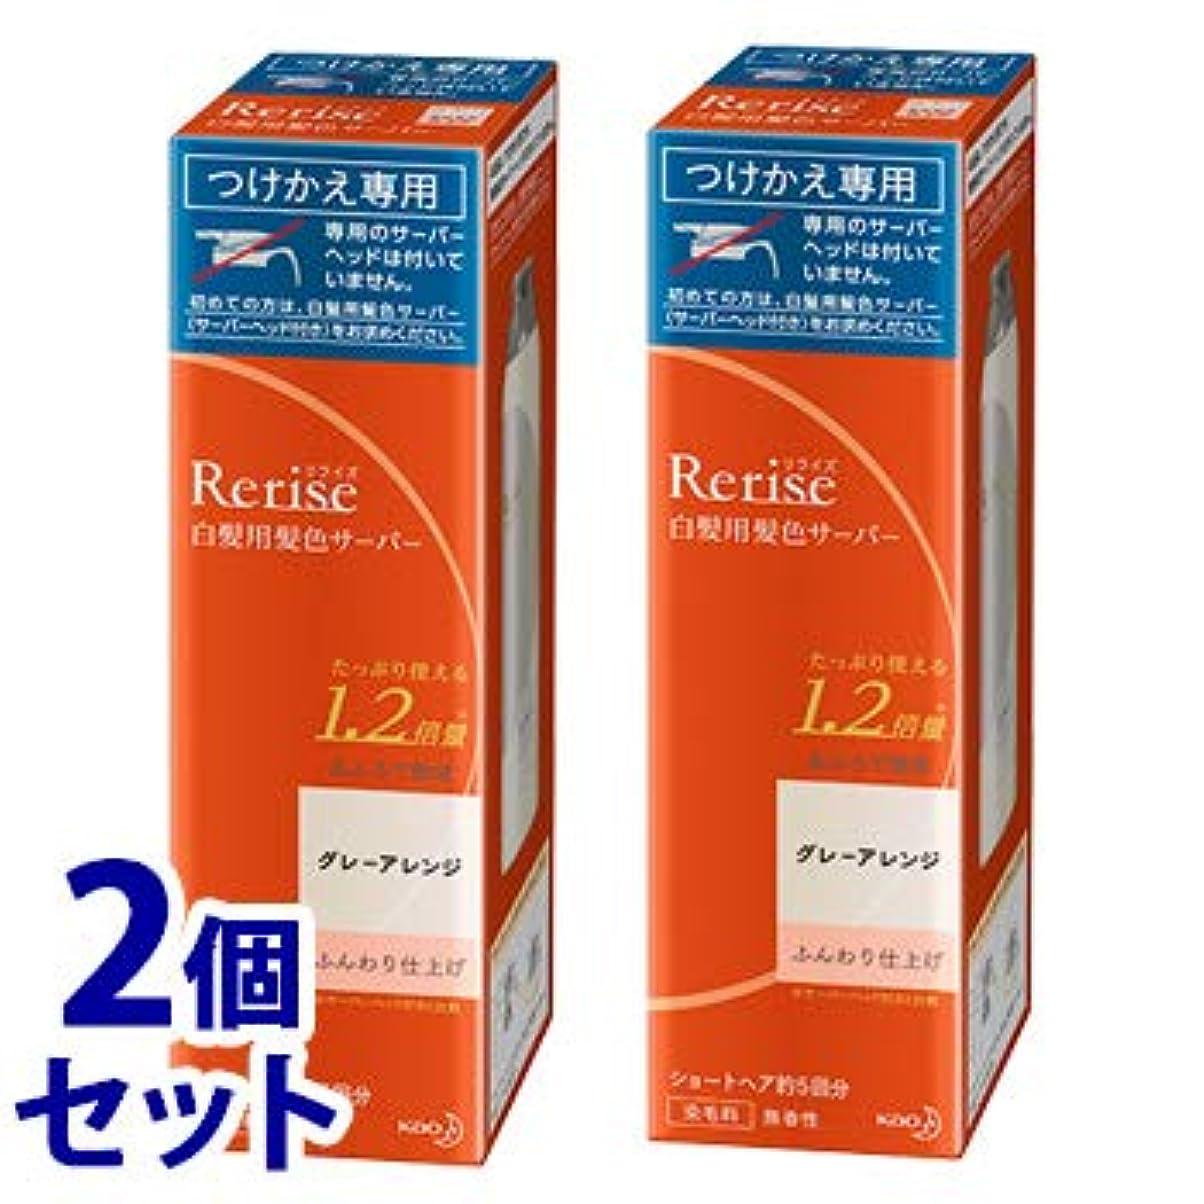 アジア怠惰の間で《セット販売》 花王 リライズ 白髪用髪色サーバー グレーアレンジ ふんわり仕上げ つけかえ用 (190g)×2個セット 付け替え用 染毛料